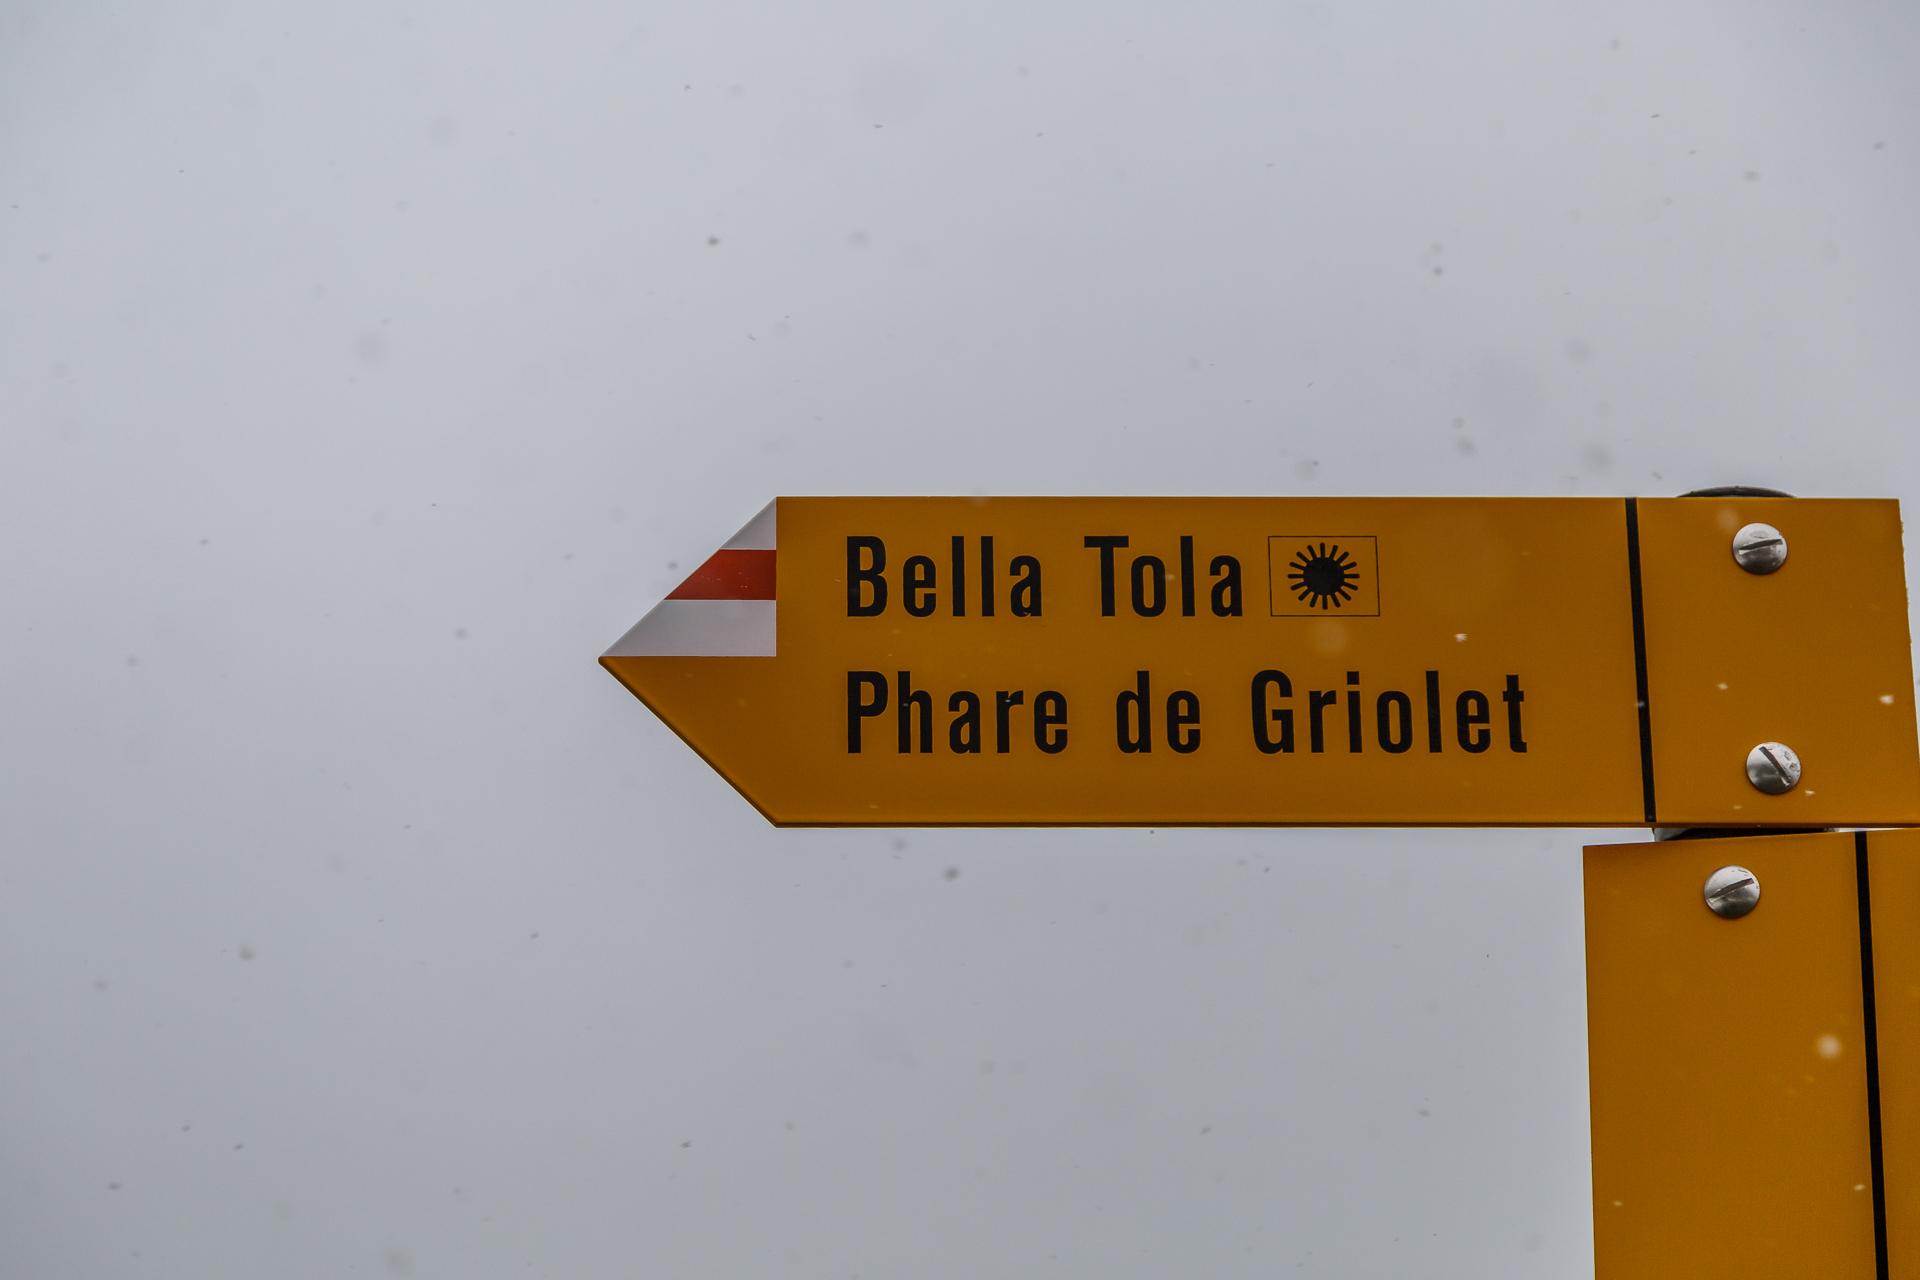 Bella-Tola-Wnaderung